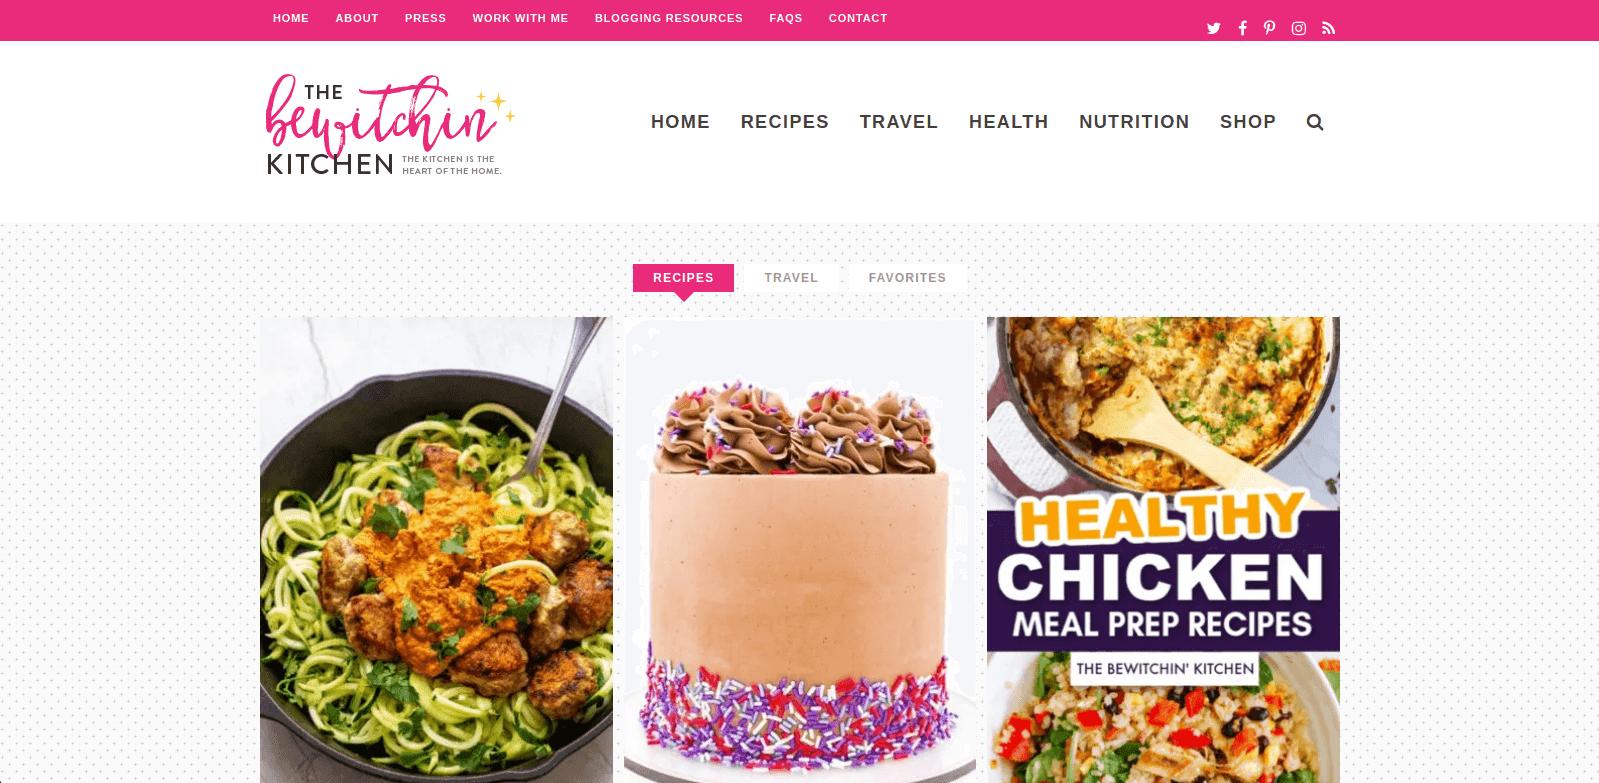 Menggunakan food blog sebagai cara menghasilan uang dari internet dengan mudah.